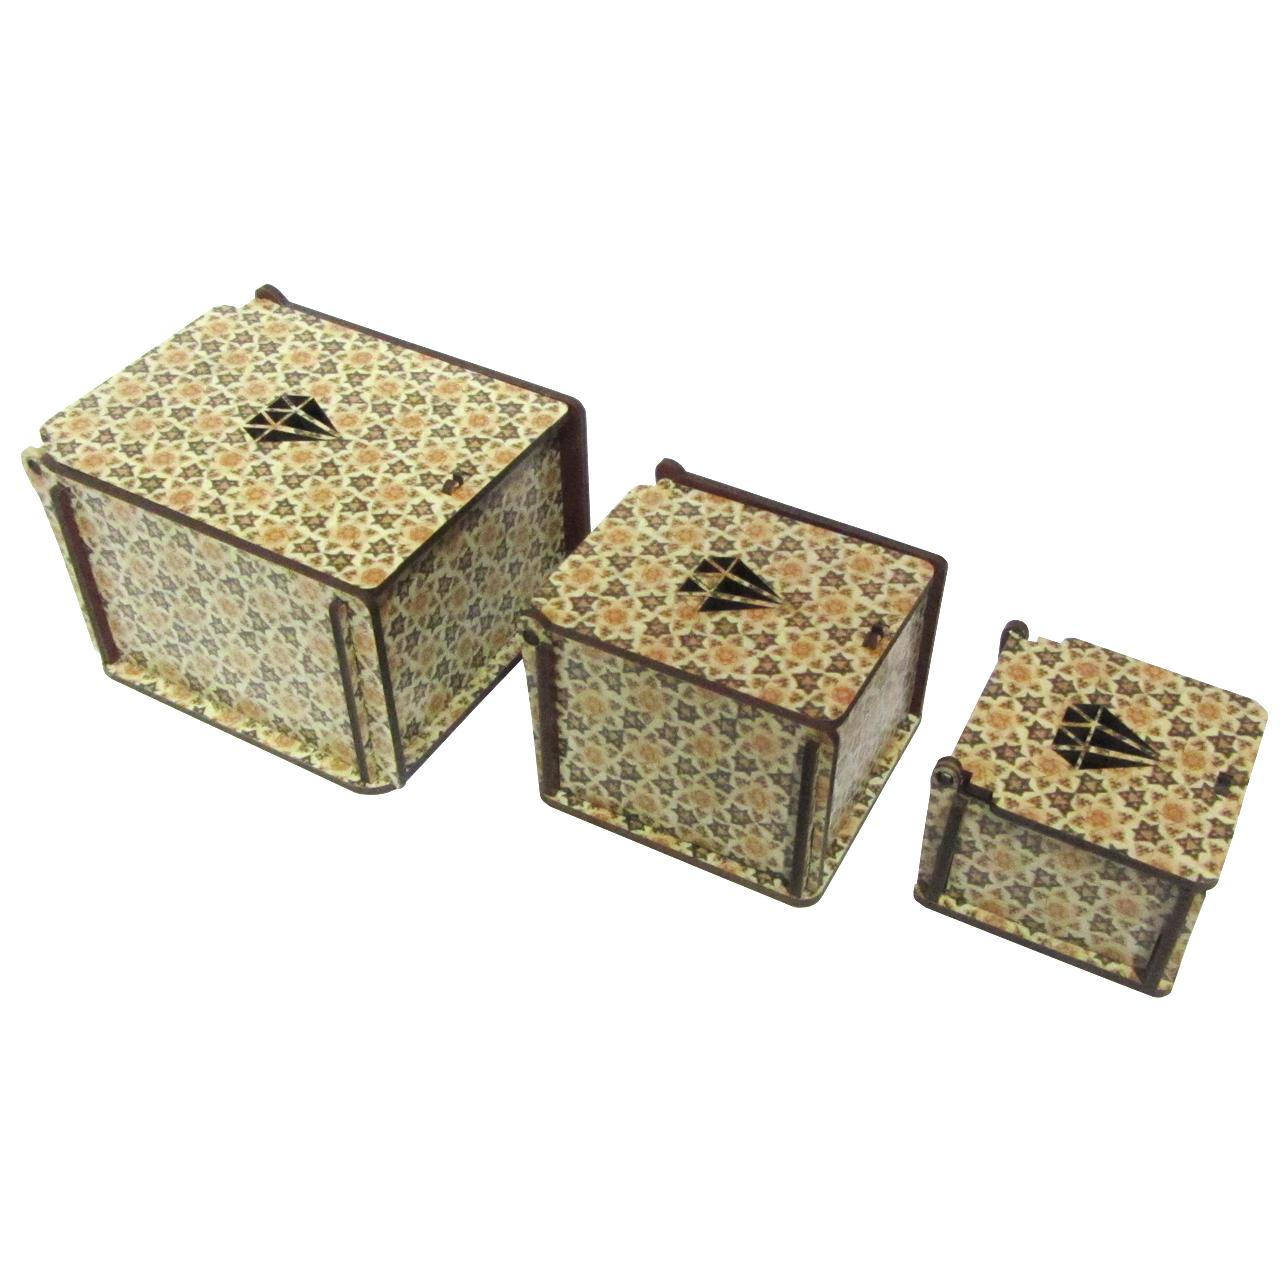 جعبه جواهرات مدل ستاره مجموعه سه عددی